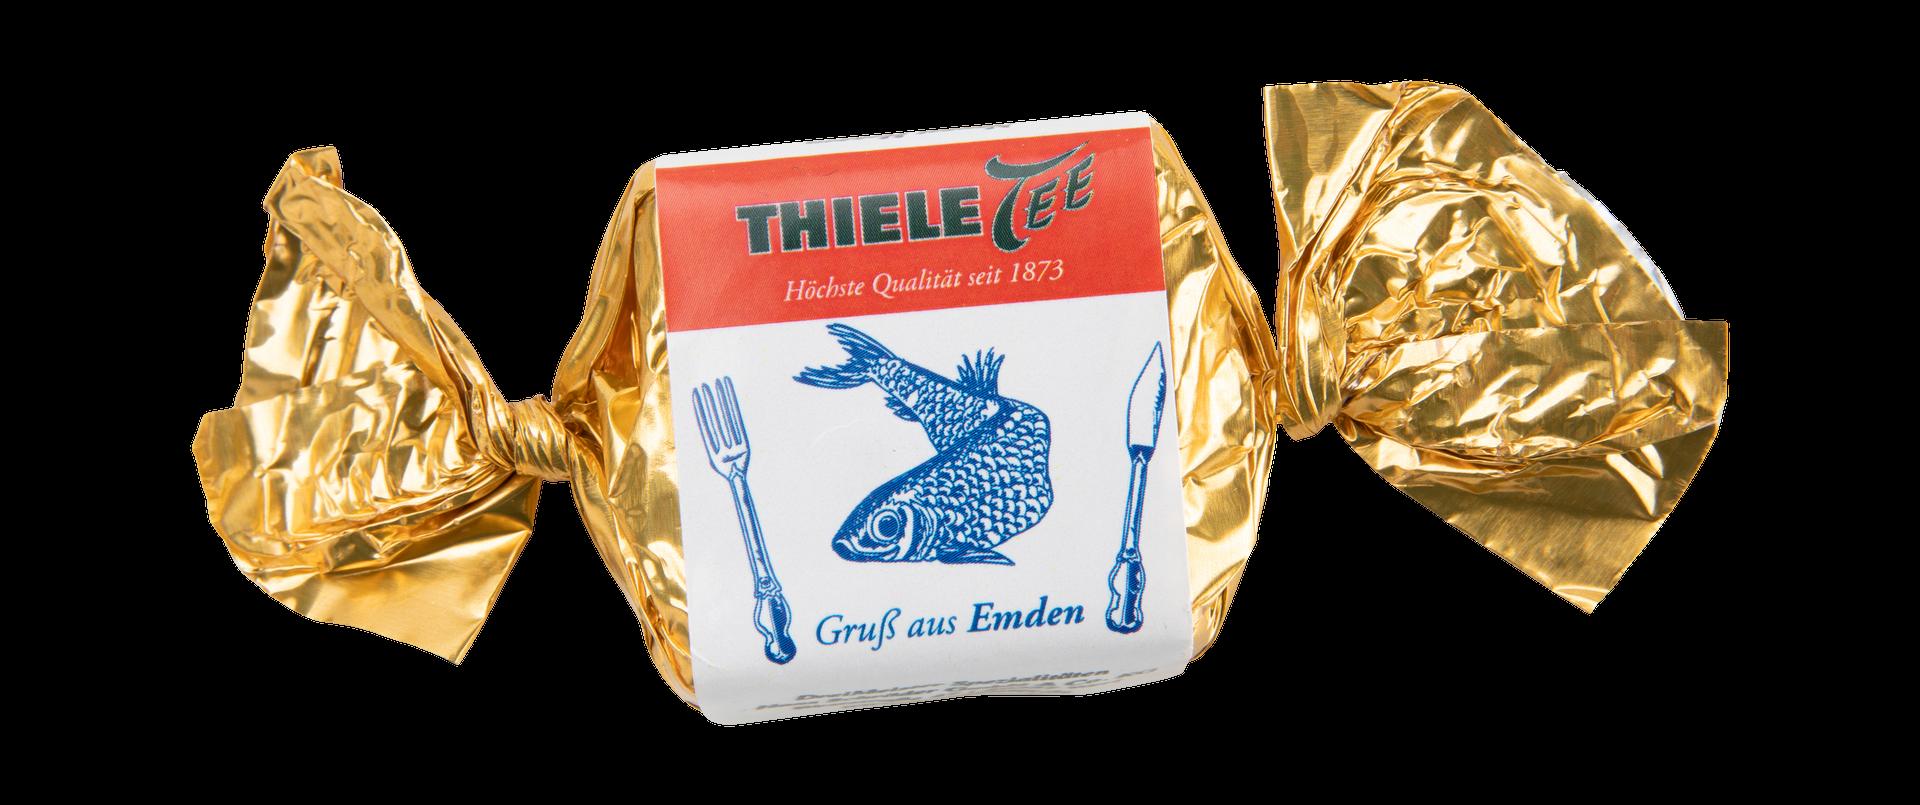 Gruß aus Emden Happen